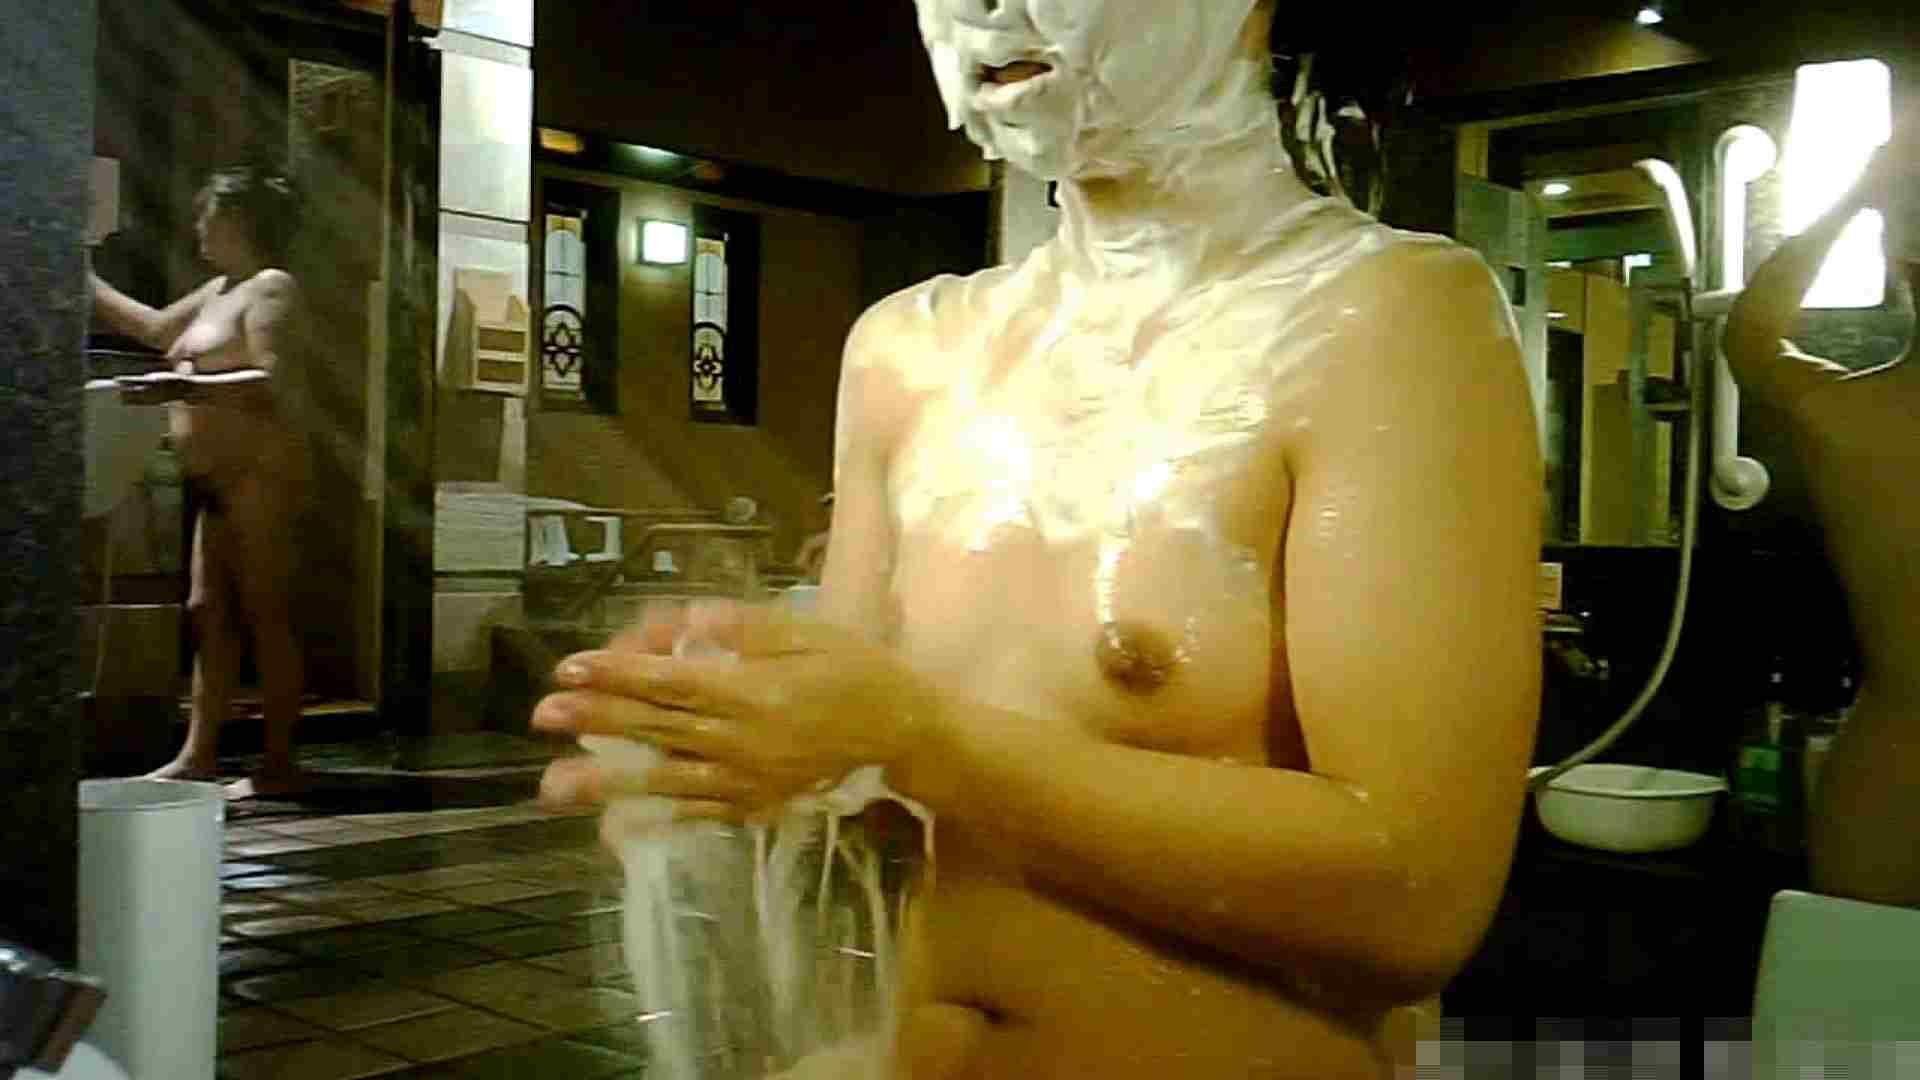 無修正おまんこ動画 手を染めてしまった女性盗撮師の女風呂潜入記 vol.005 のぞき本舗 中村屋